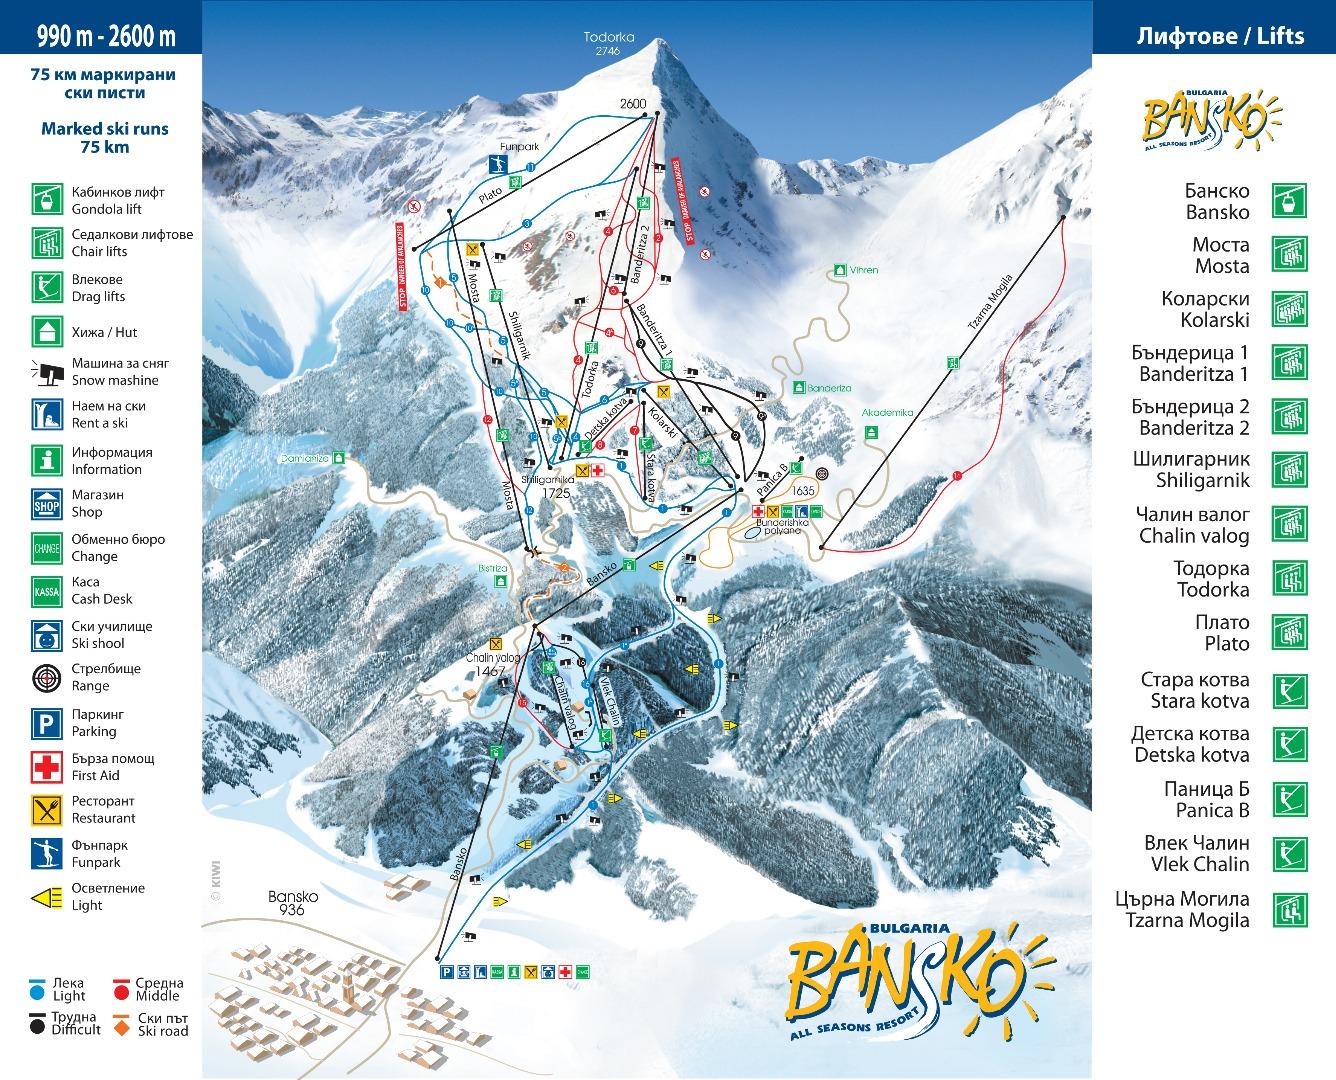 מפה של אתר סקי בבנסקו